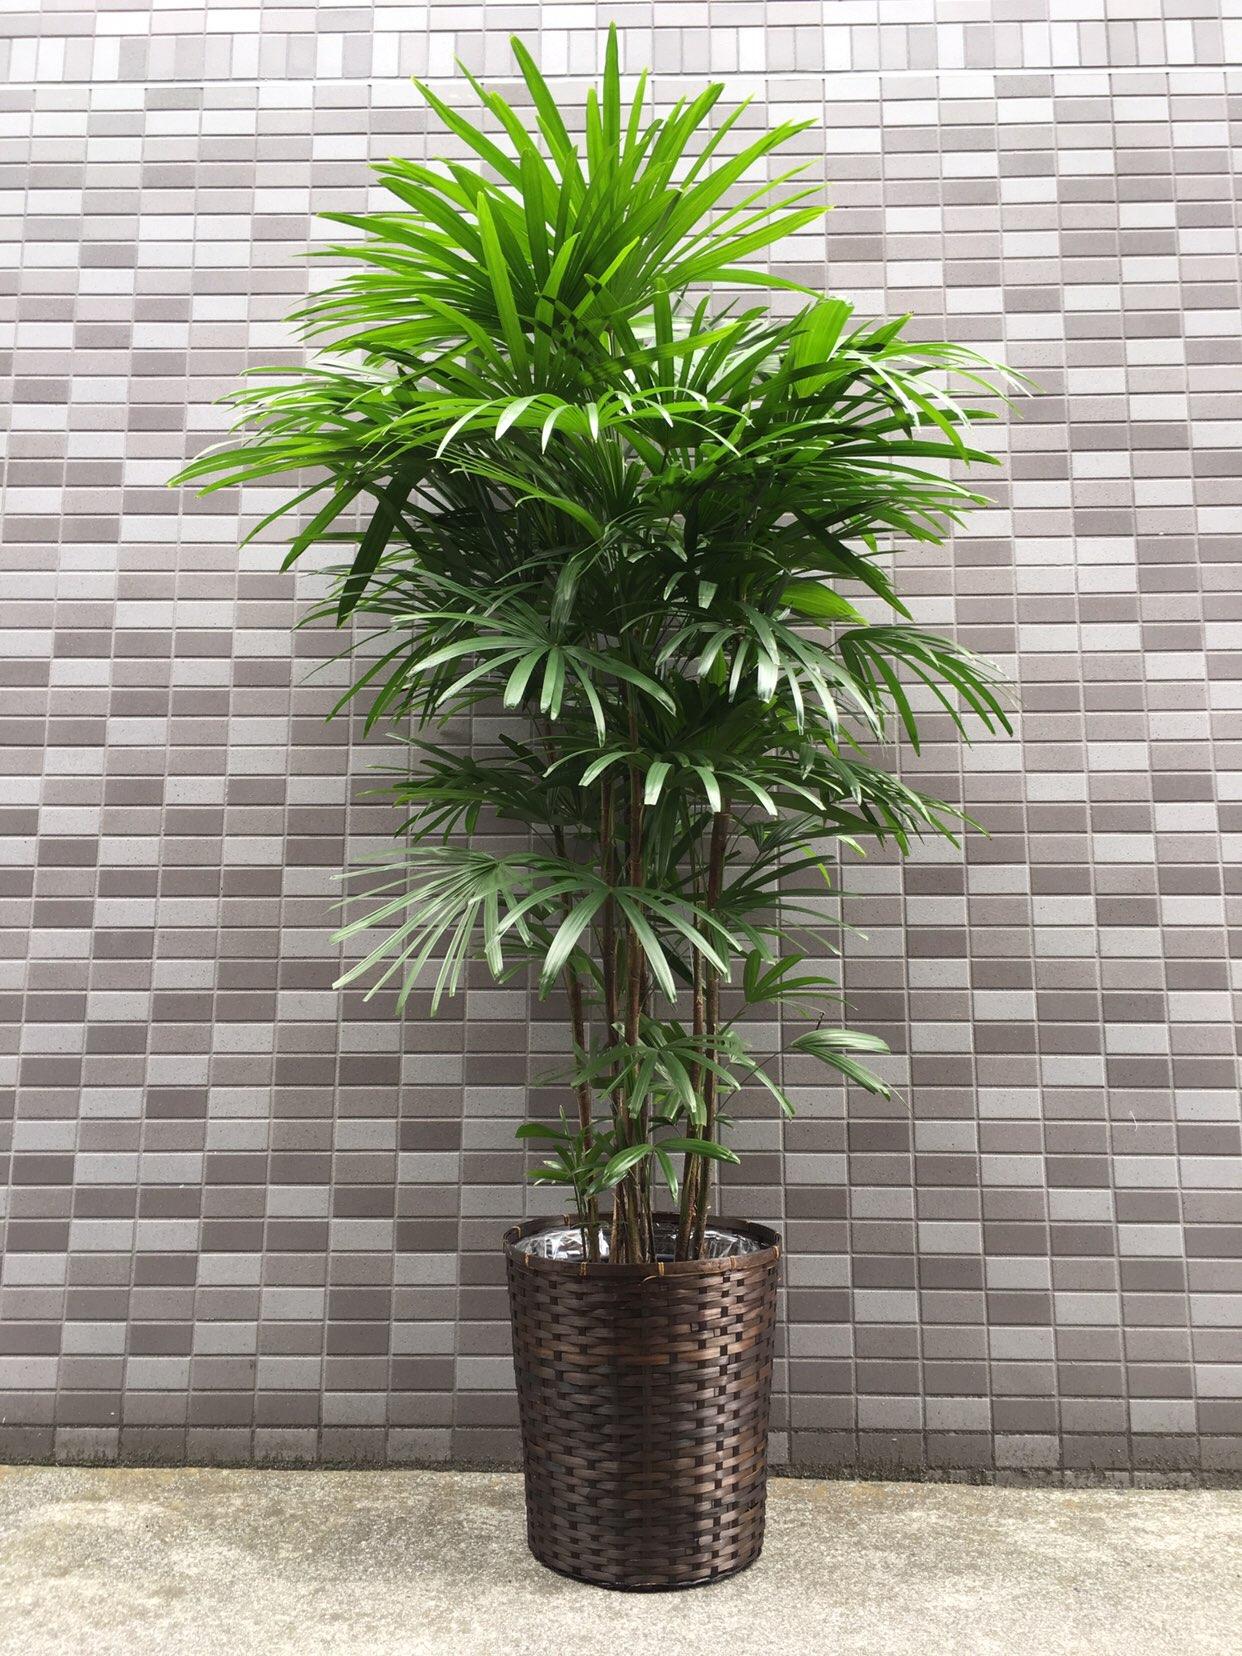 1302 シュロチク 10寸 バスケット付き 和風観葉植物